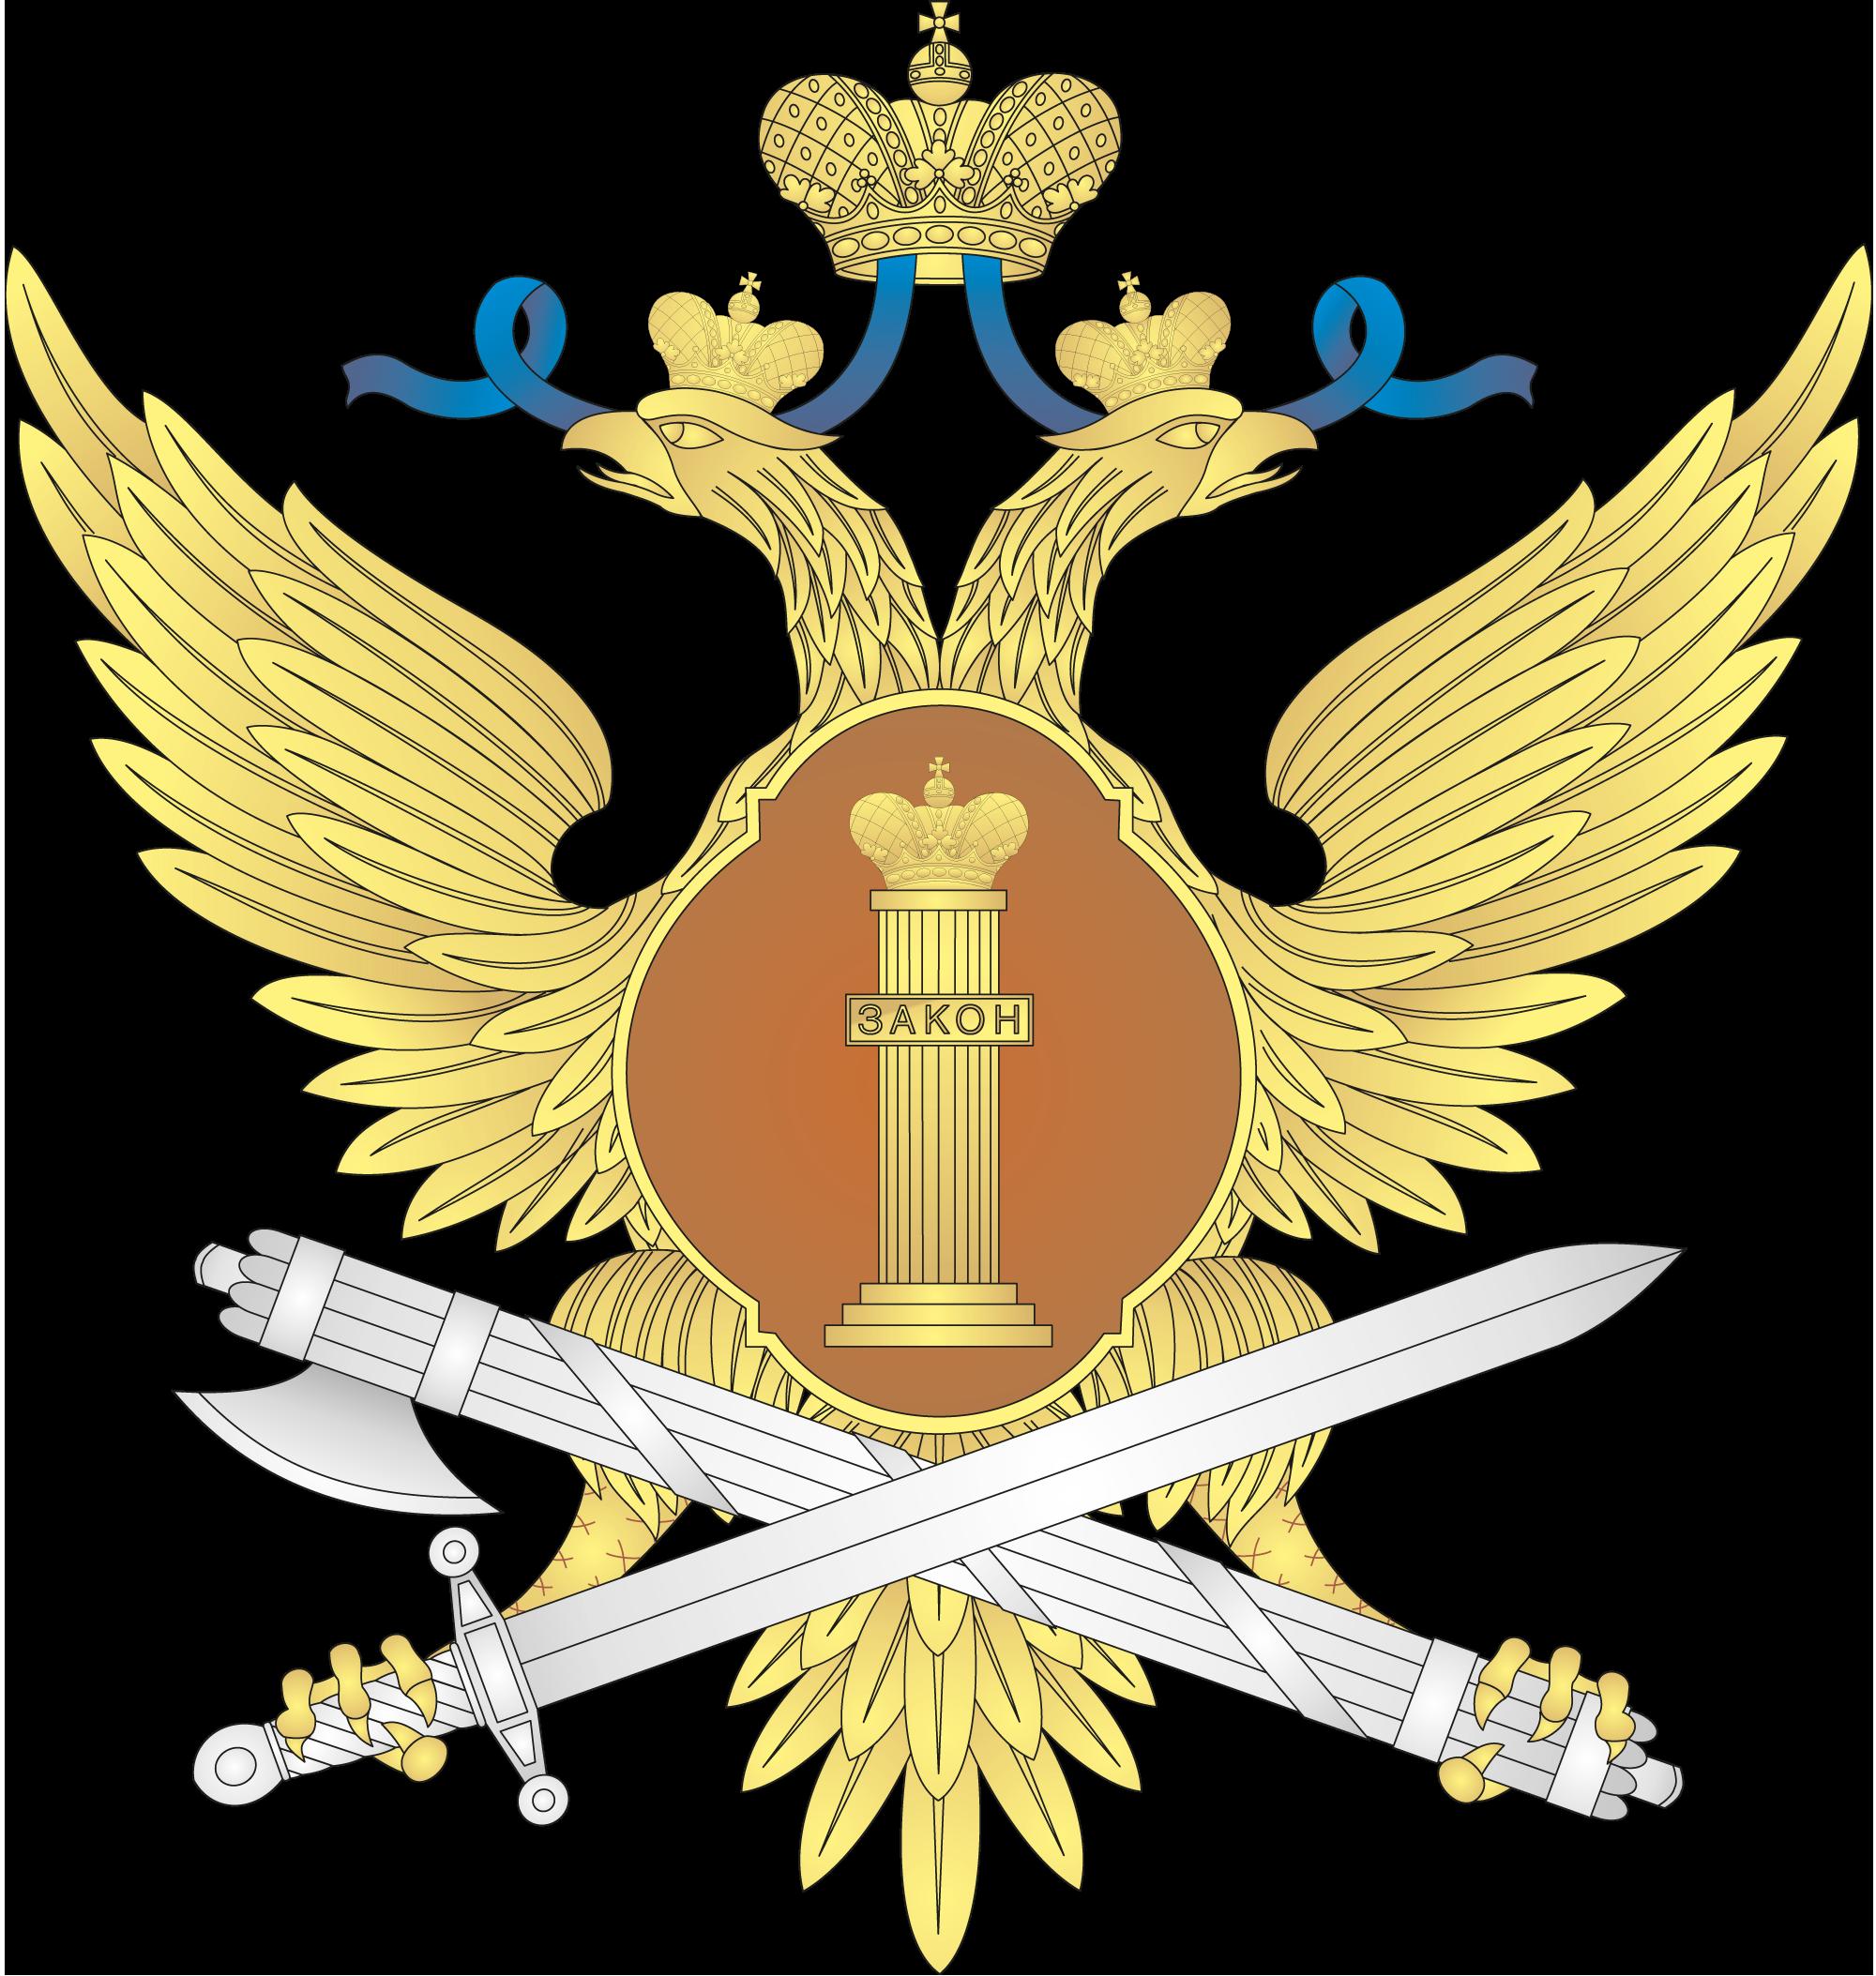 Векторный герб ФСИН (Федеральная служба исполнения наказаний)